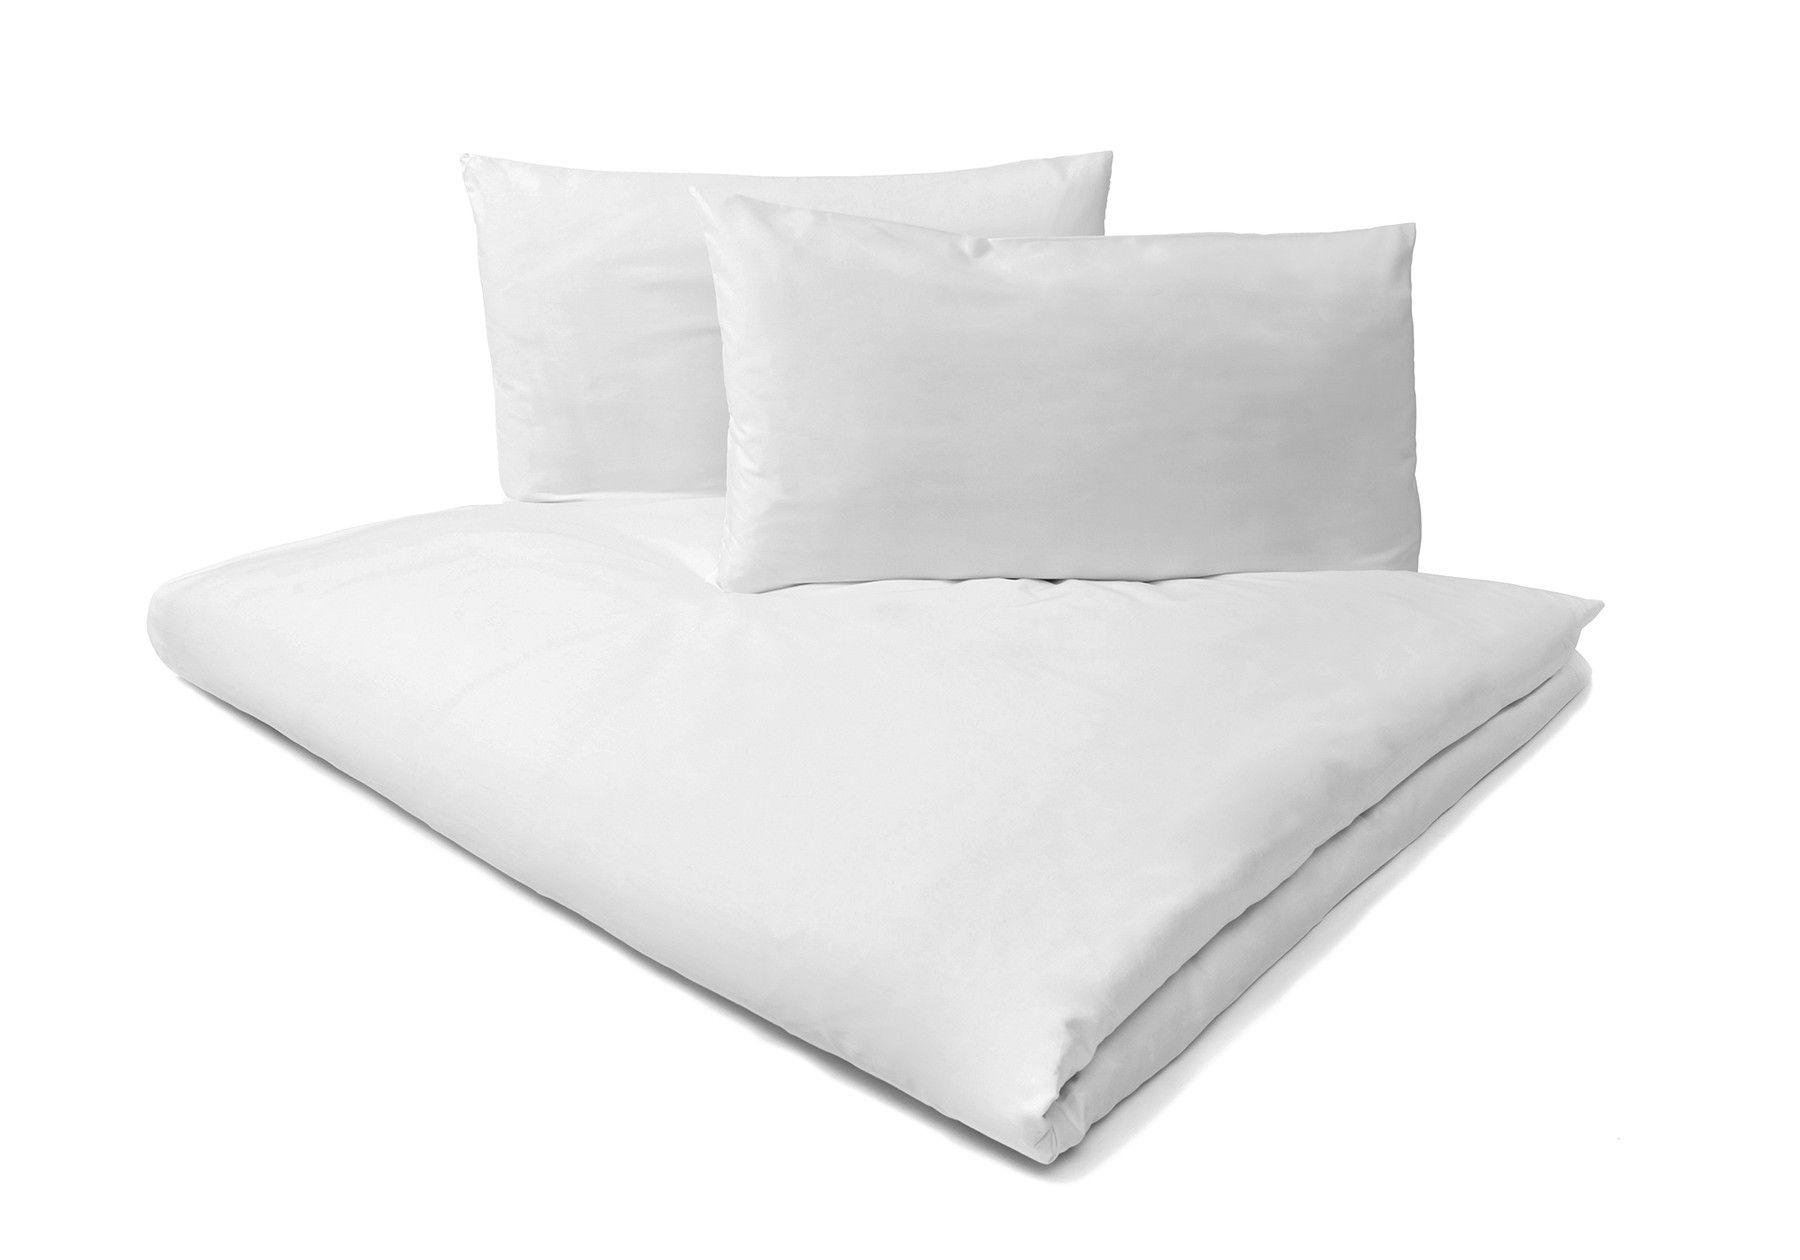 Bettwasche 200x220 Baumwolle Bettdecken Fabrikverkauf 200x200